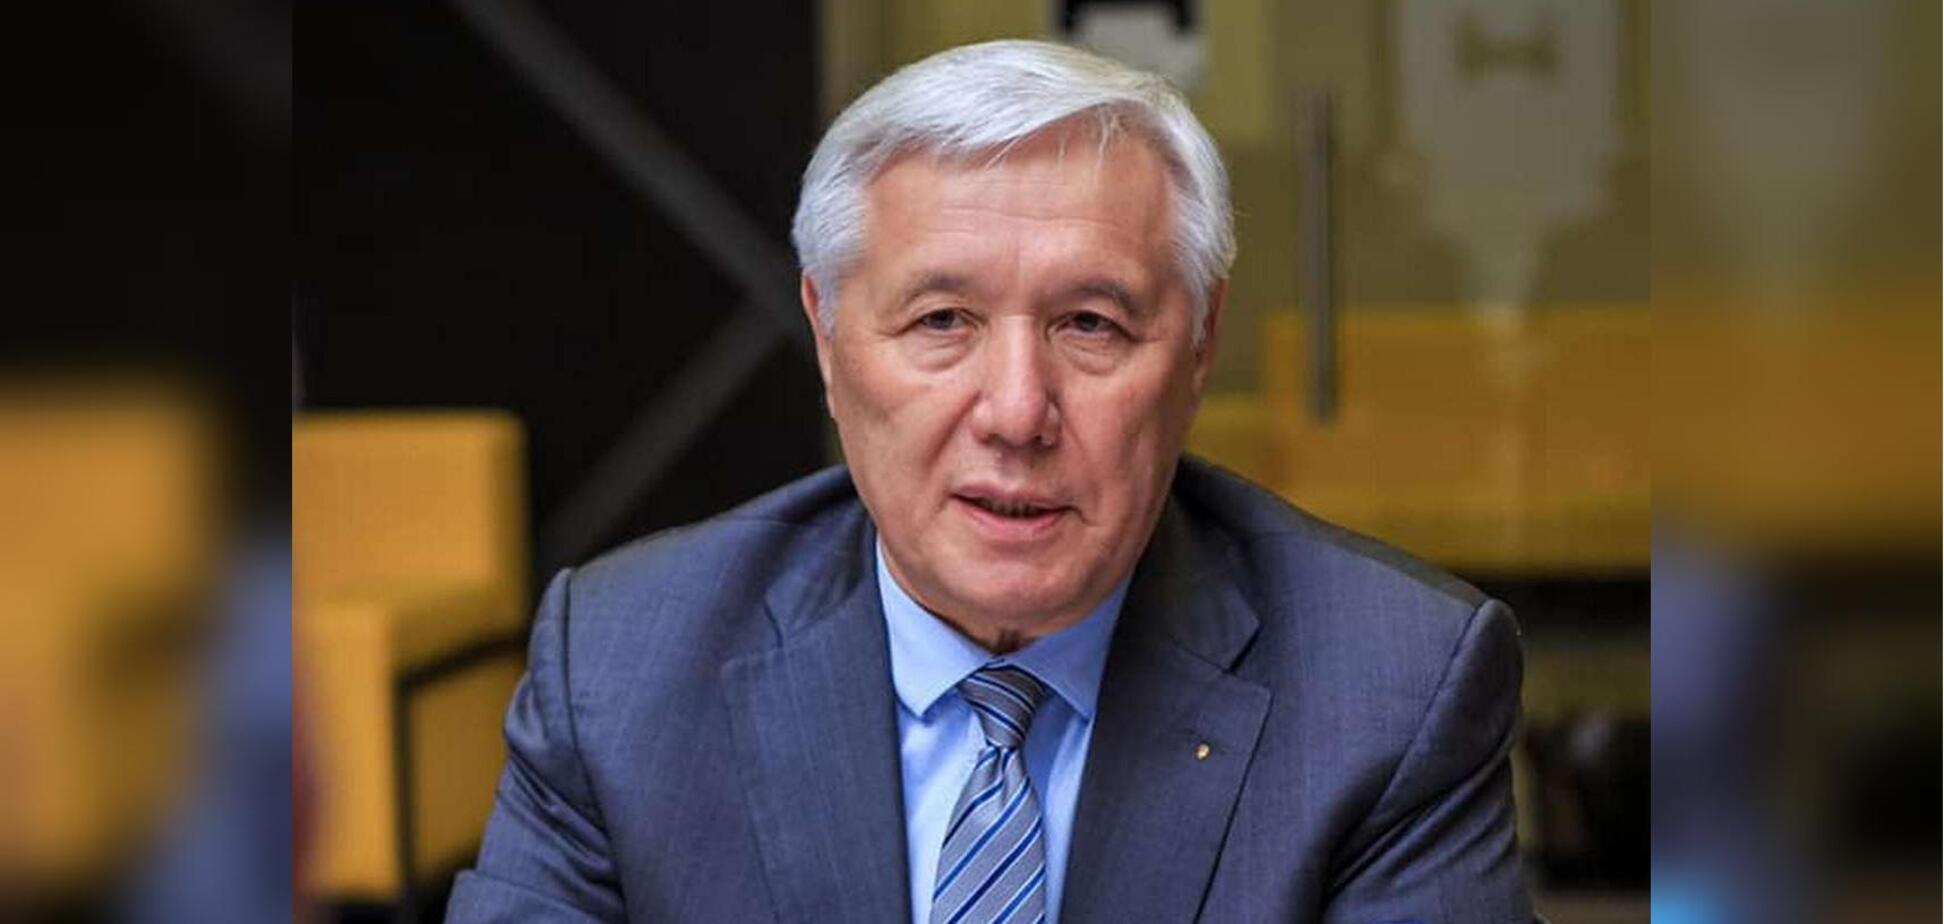 Бахматюк вигравав суди, та через тиск силовиків 14 тисяч робочих місць закрилися, – Єхануров